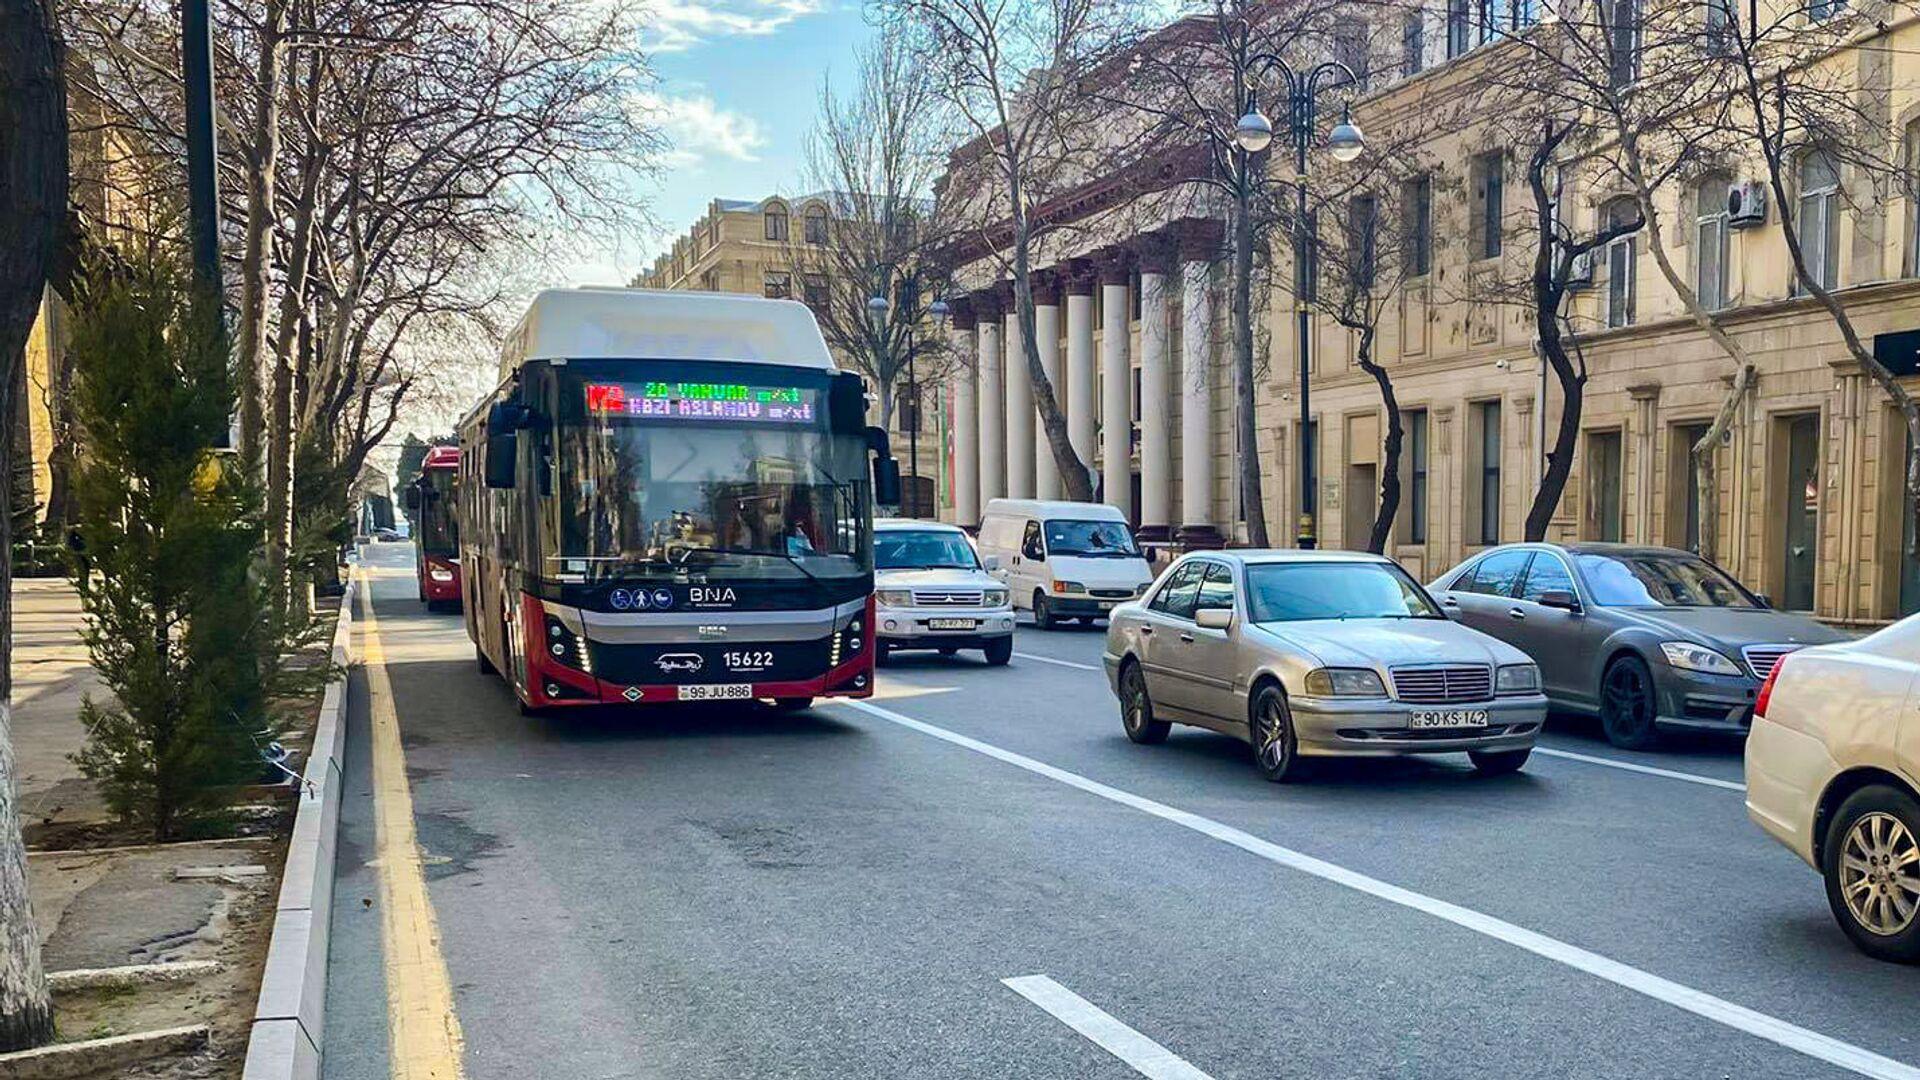 Автобус на спецполосе в Баку, фото из архива - Sputnik Азербайджан, 1920, 07.10.2021